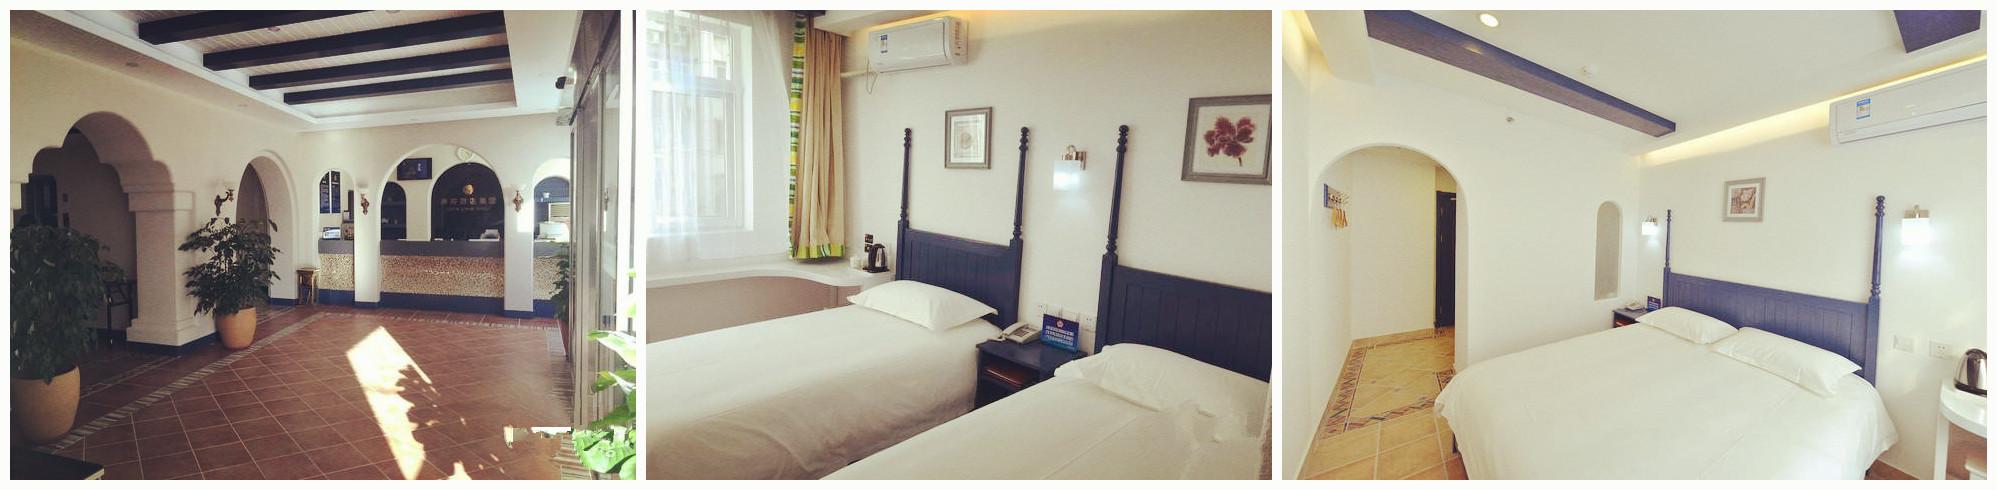 ShenZhou Bussiness&Travel Hotel